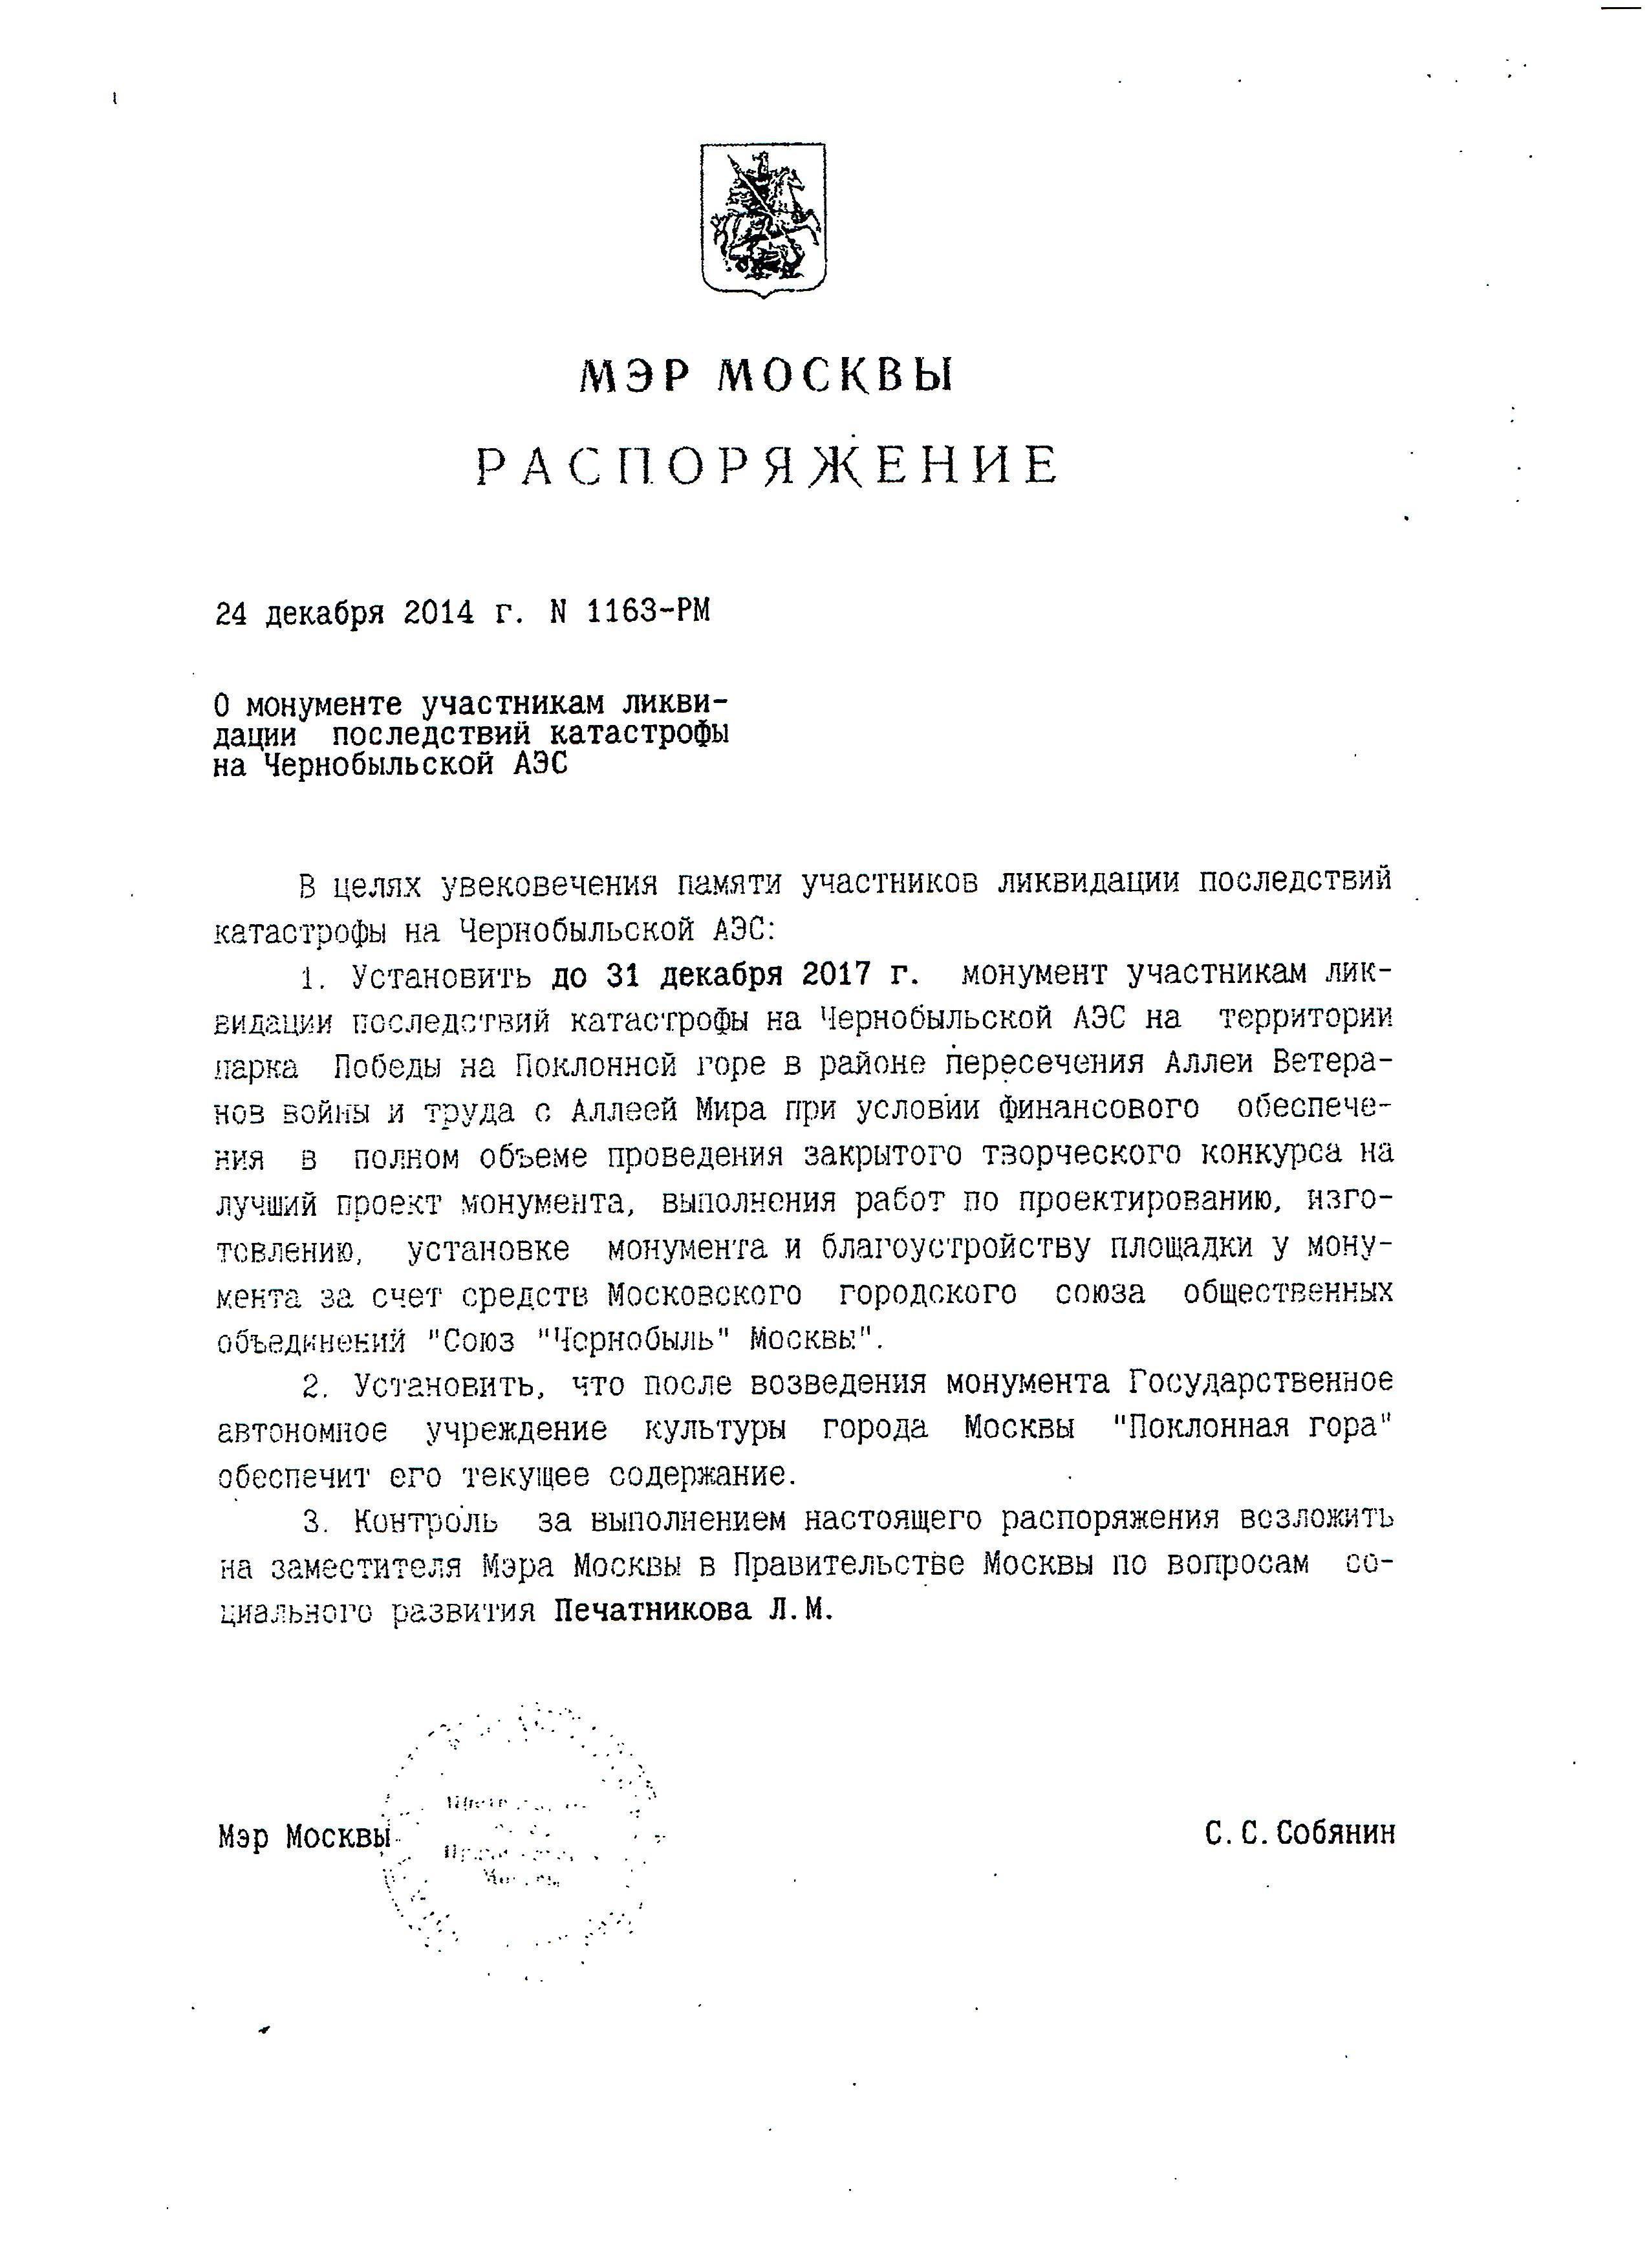 http://sf.uploads.ru/bXjH8.jpg